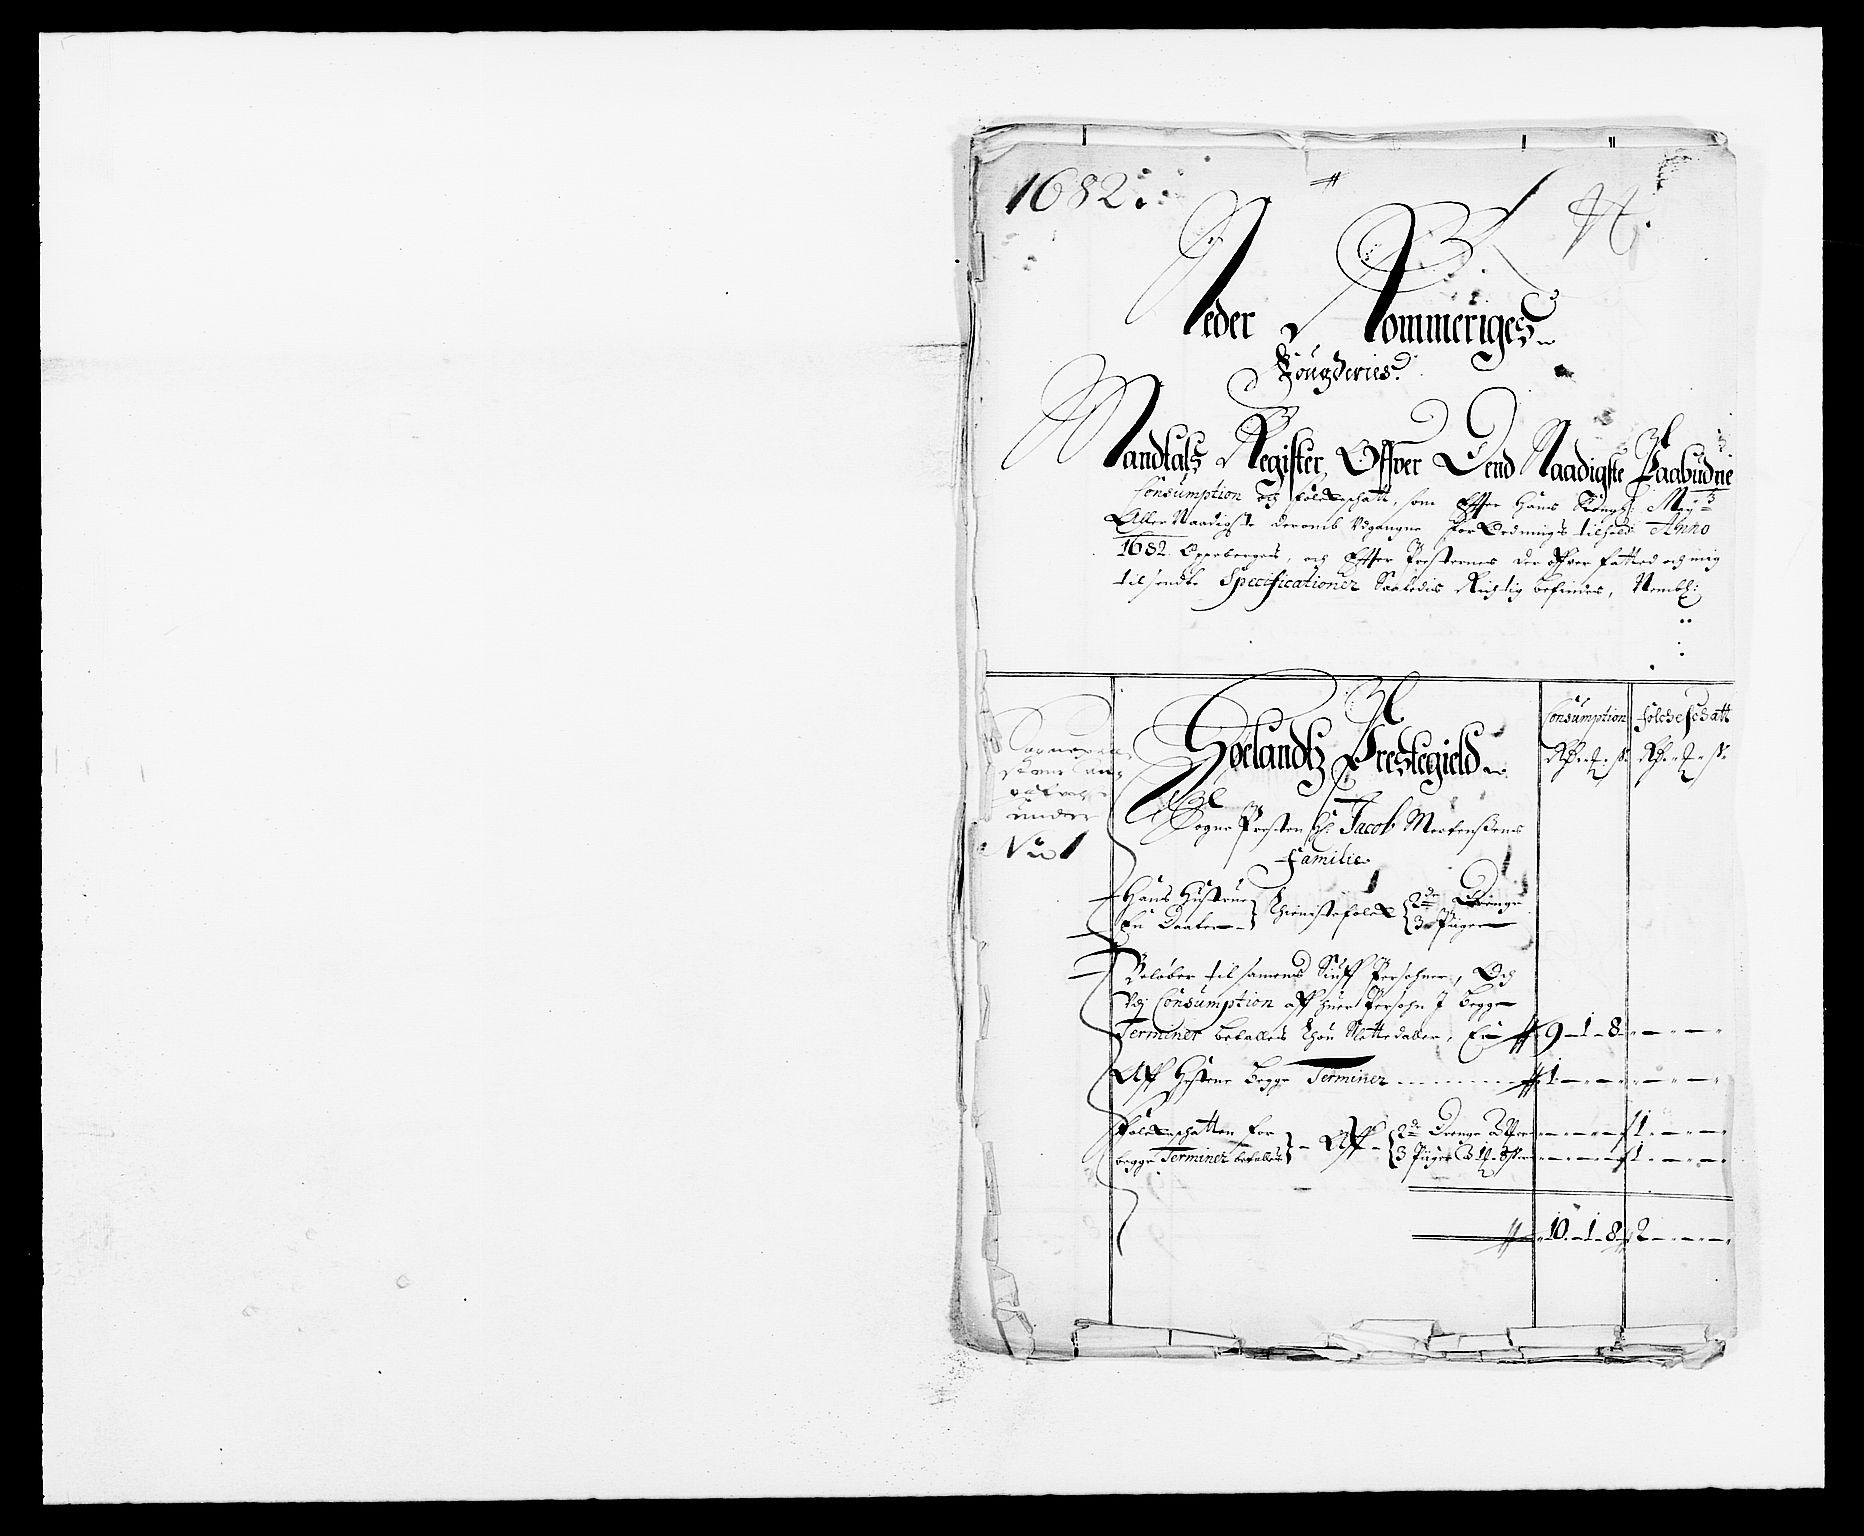 RA, Rentekammeret inntil 1814, Reviderte regnskaper, Fogderegnskap, R11/L0570: Fogderegnskap Nedre Romerike, 1682, s. 208